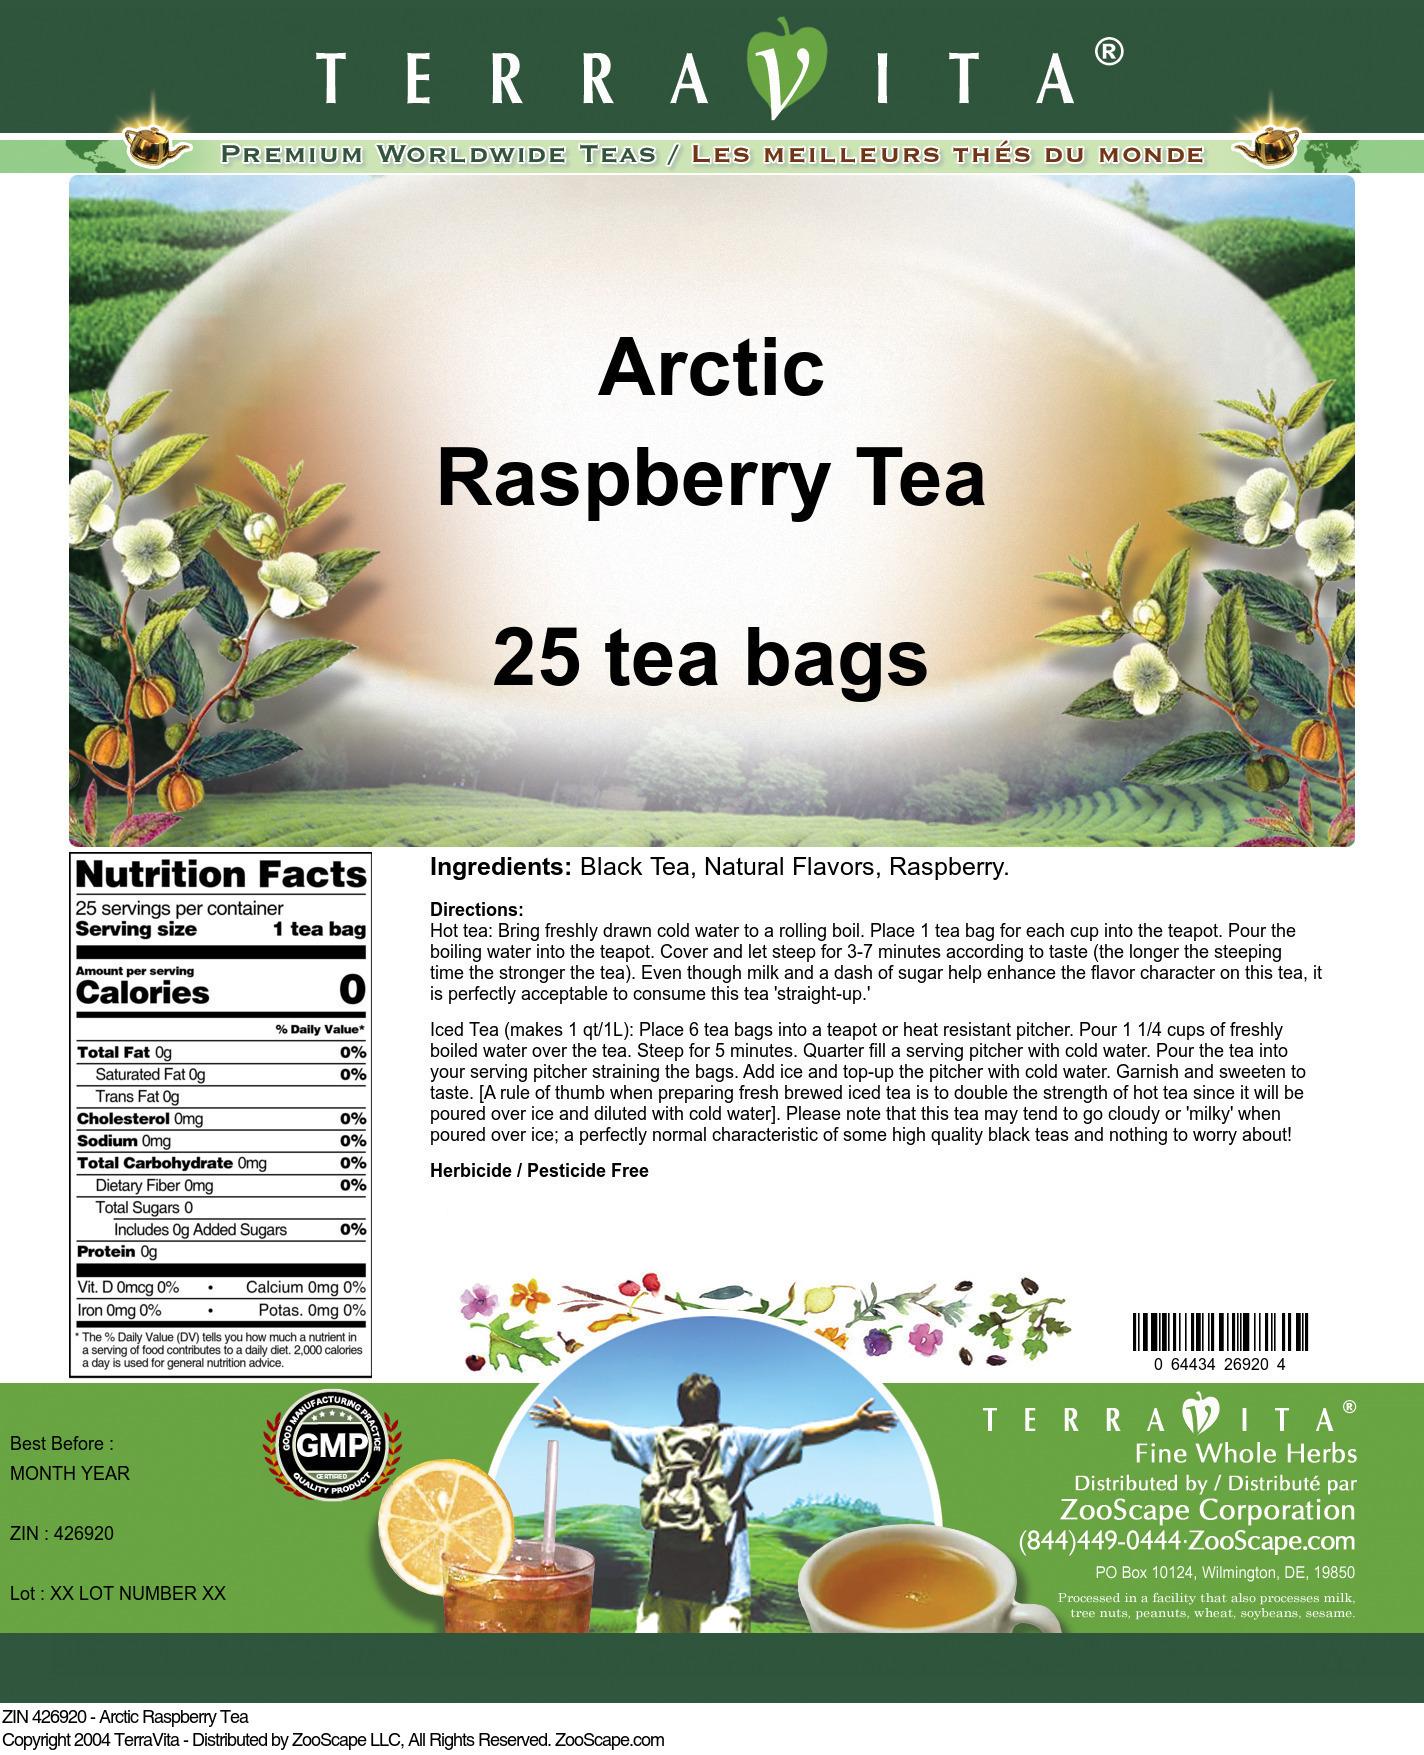 Arctic Raspberry Tea